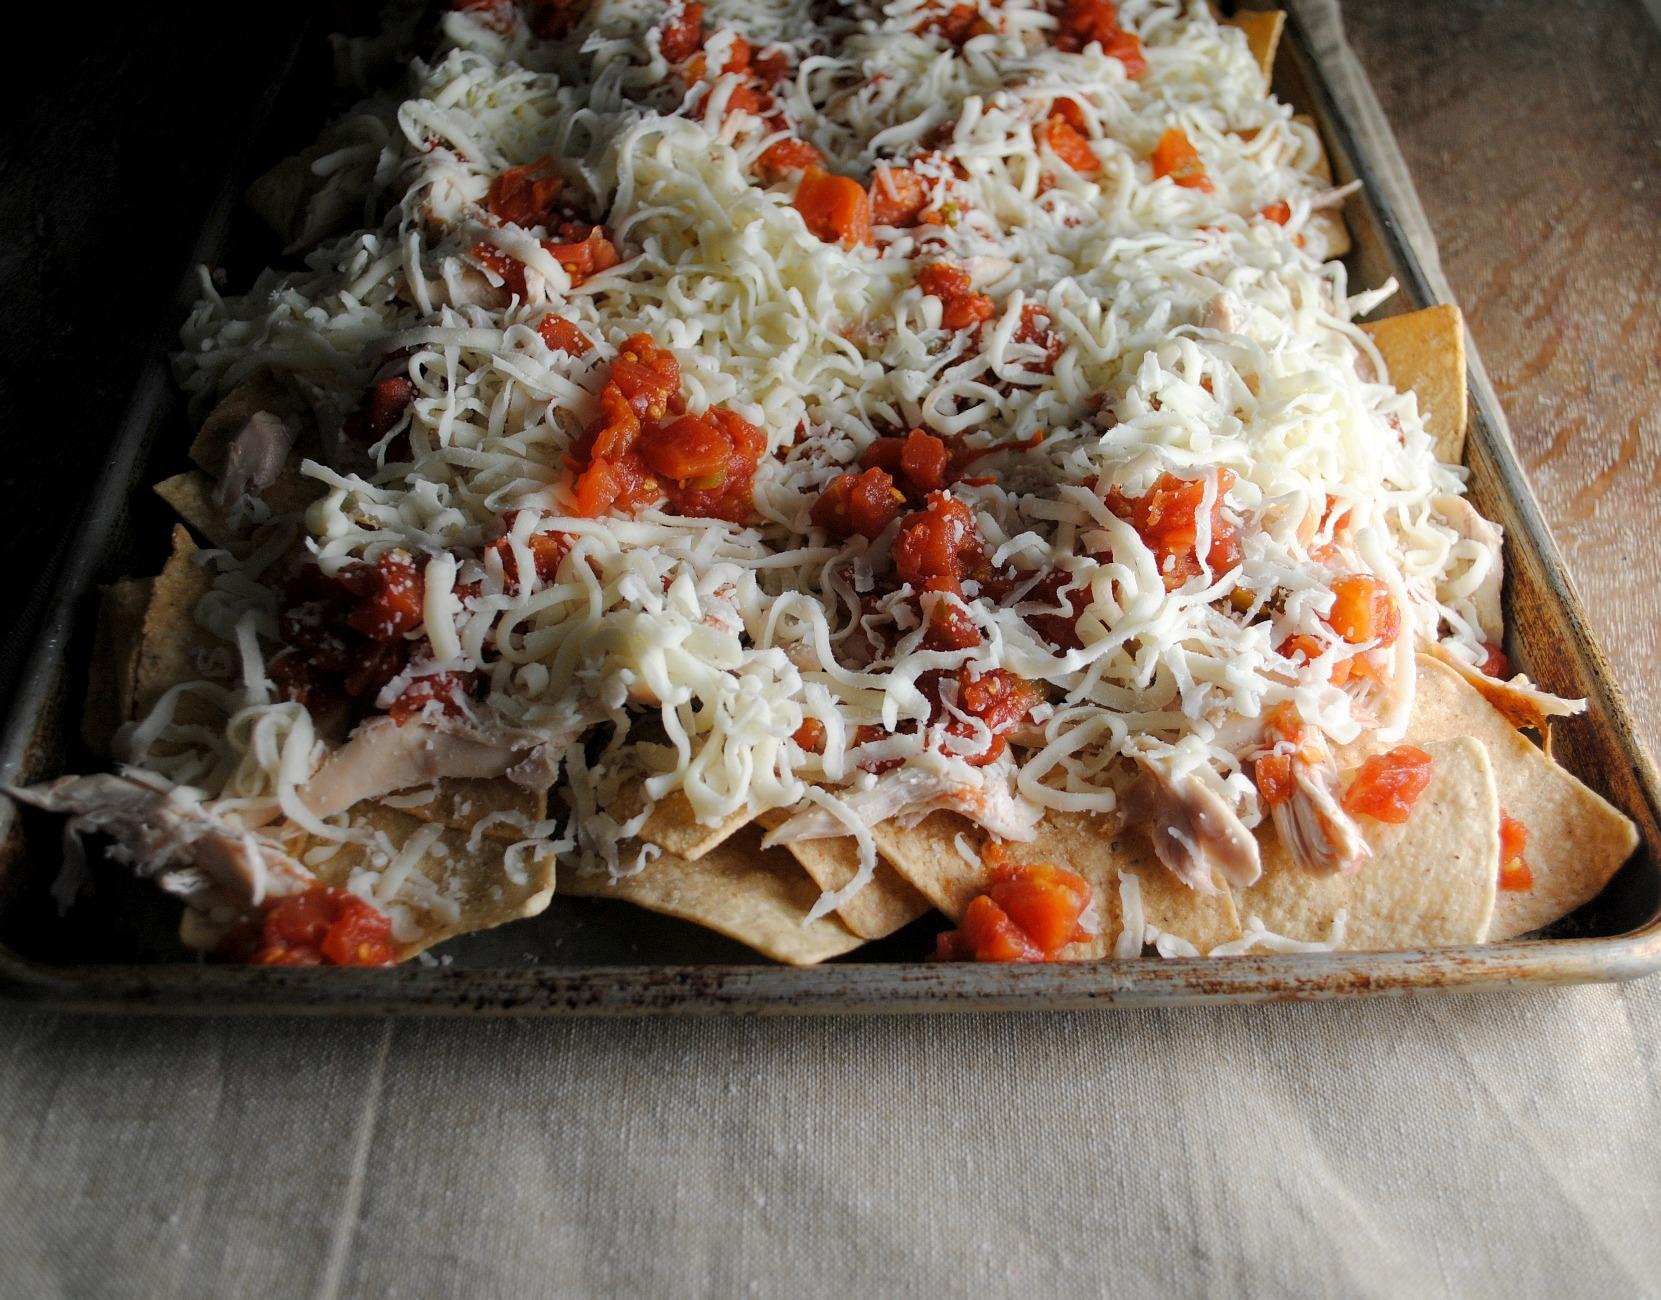 cacique-nachos-chicken-VianneyRodriguez